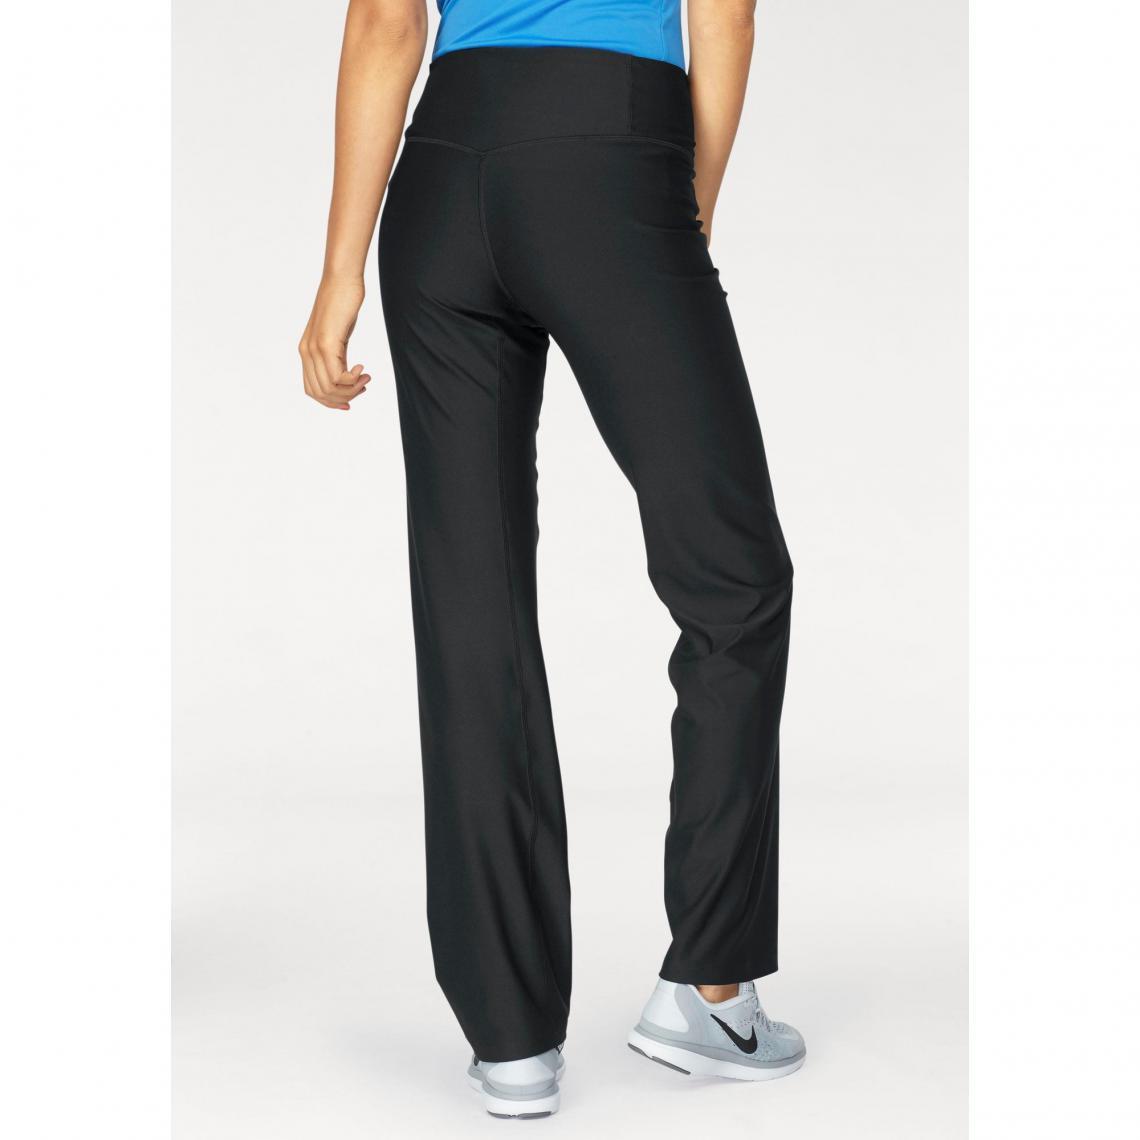 nike pantalon sport femme